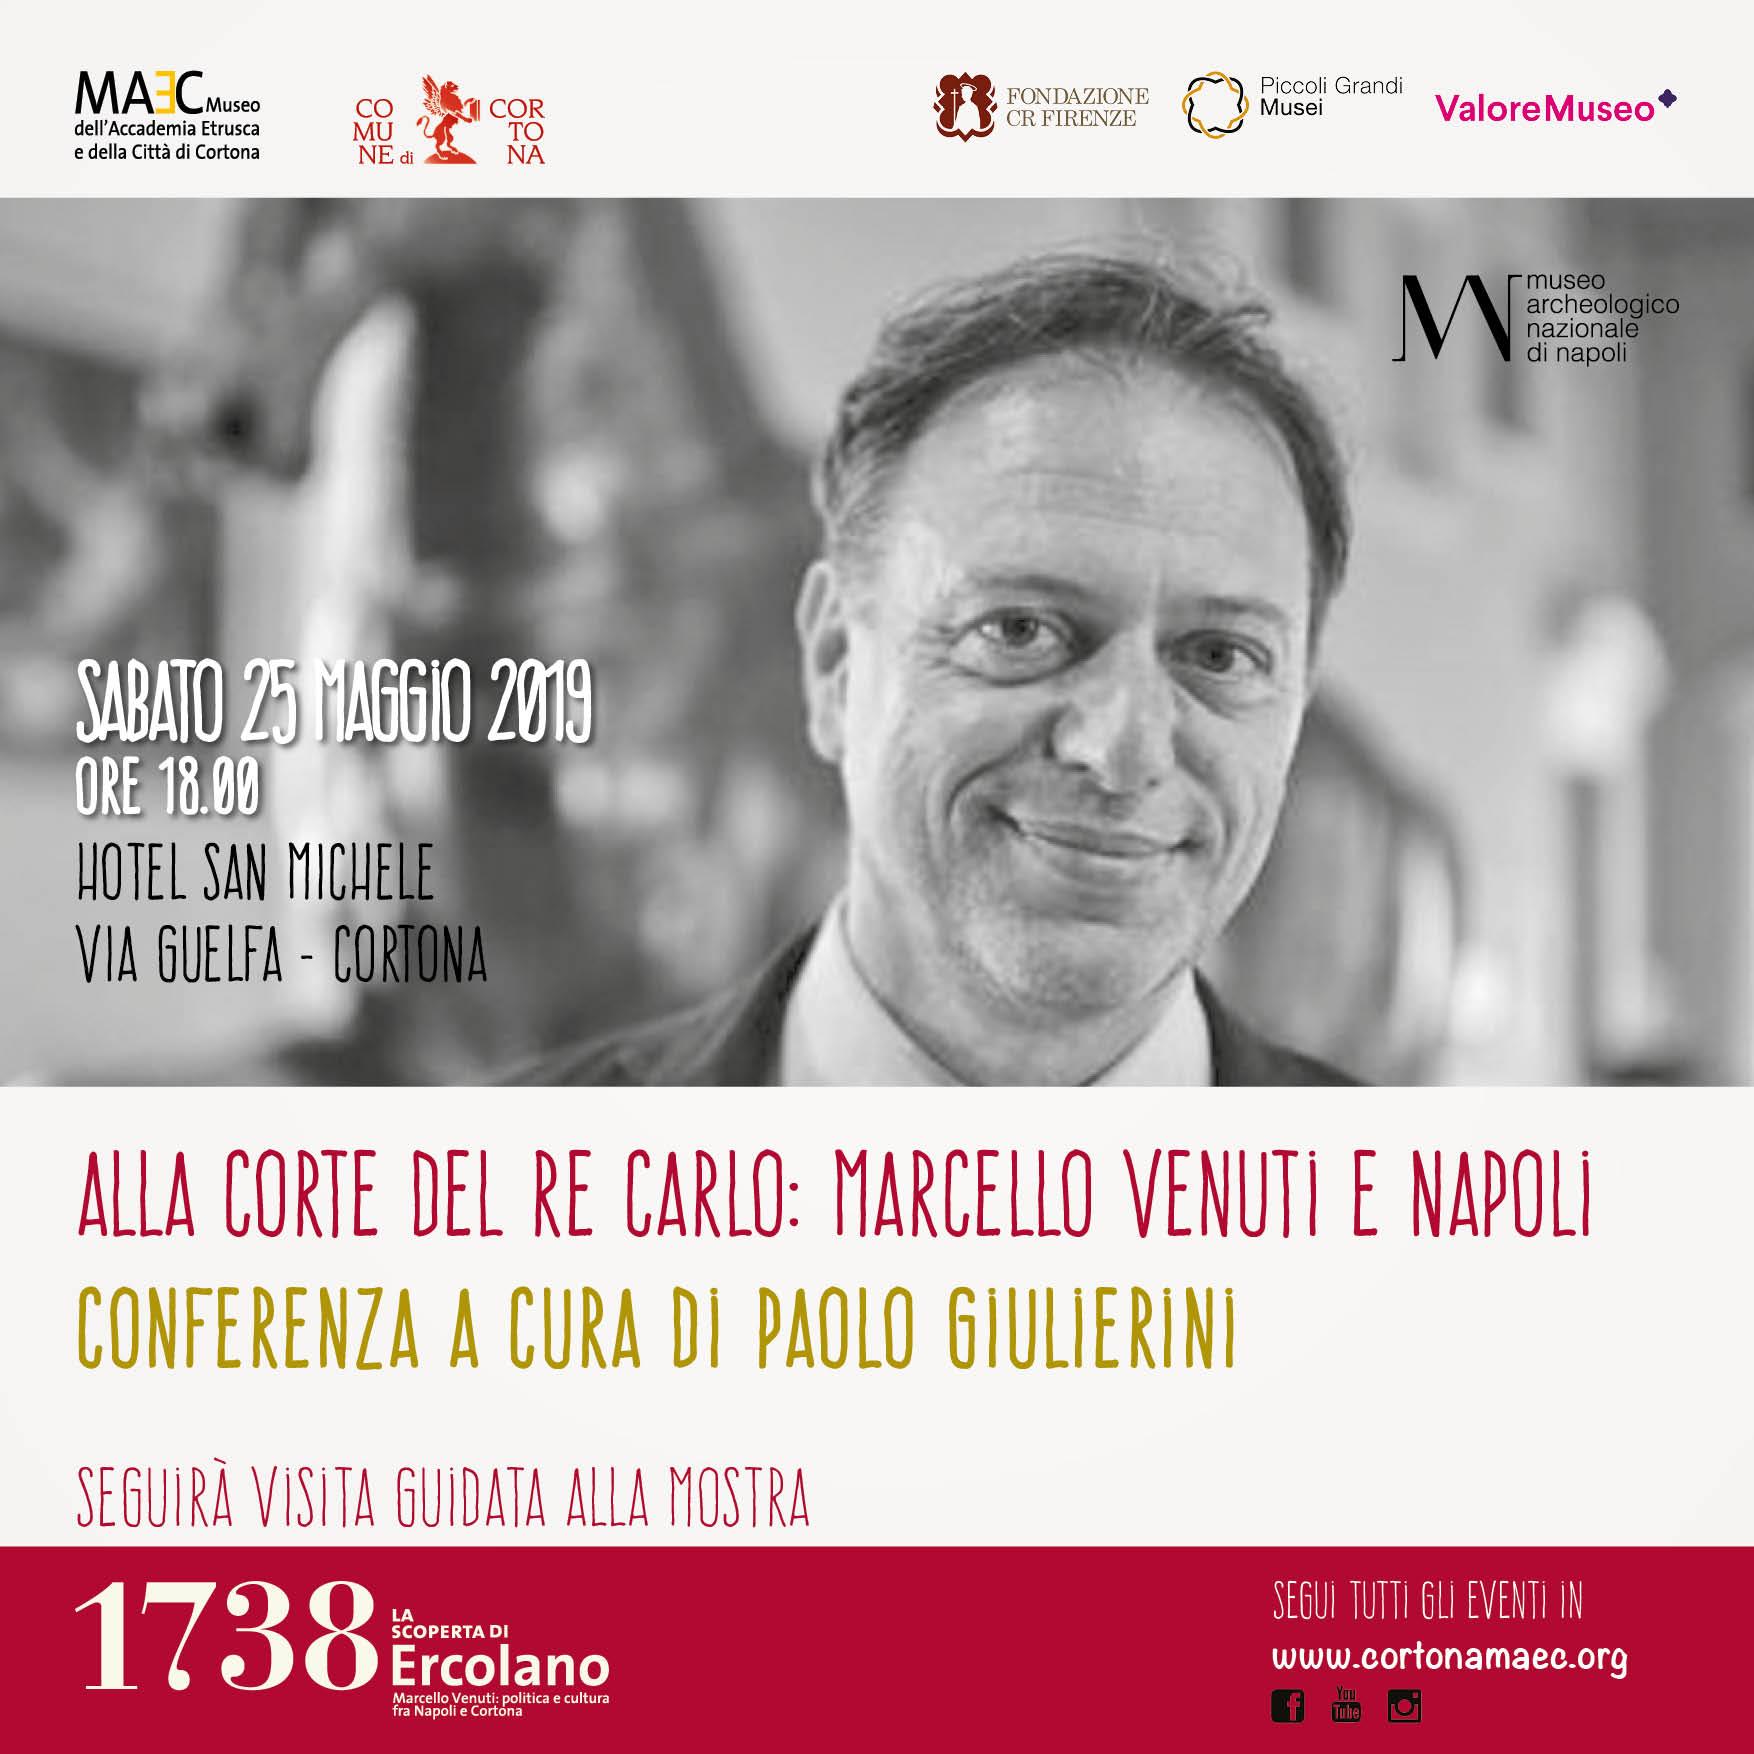 Incontrarsi a maggio 25 maggio 2019 Paolo Giulierini